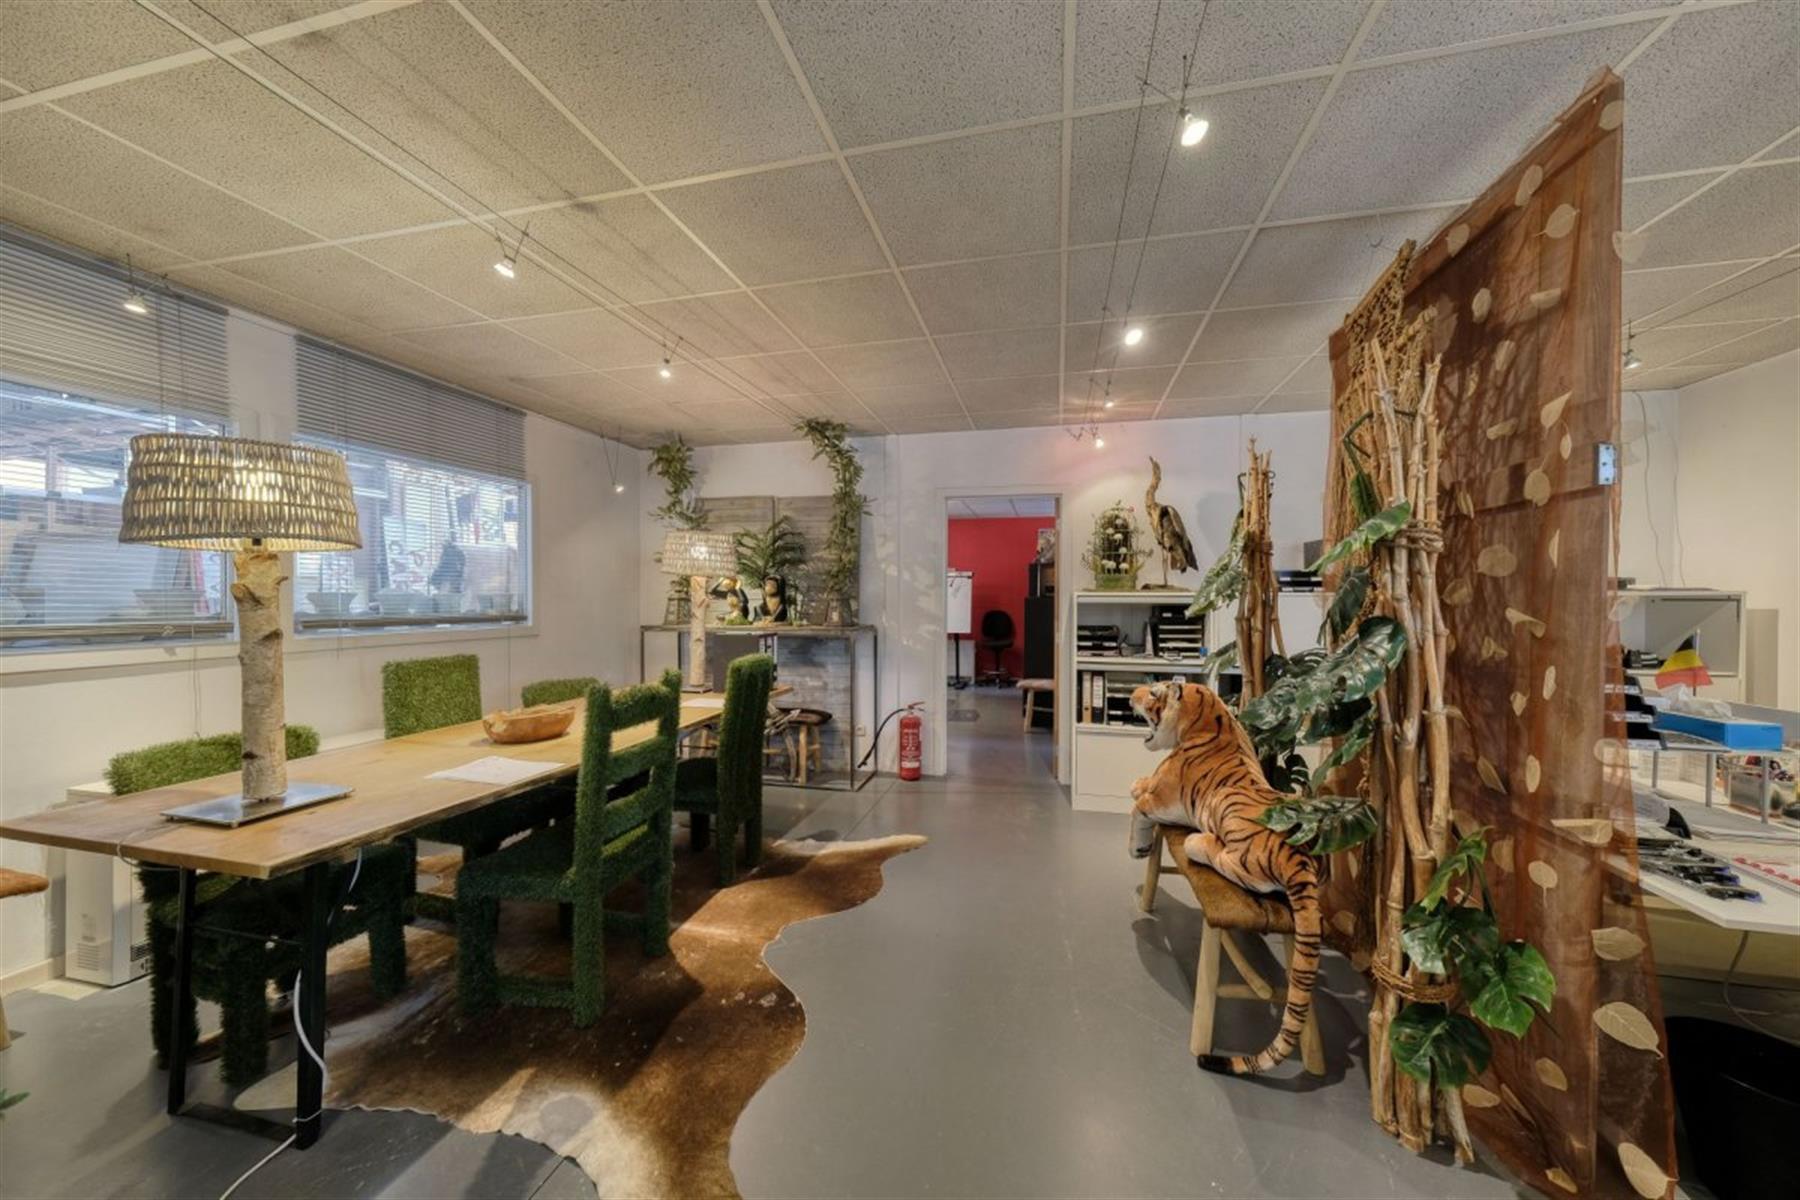 kantoren & magazijn te koop I123 - Magazijn met kantoorruimte - Centrum-Zuid 3203, 3530 Houthalen-Helchteren, België 2